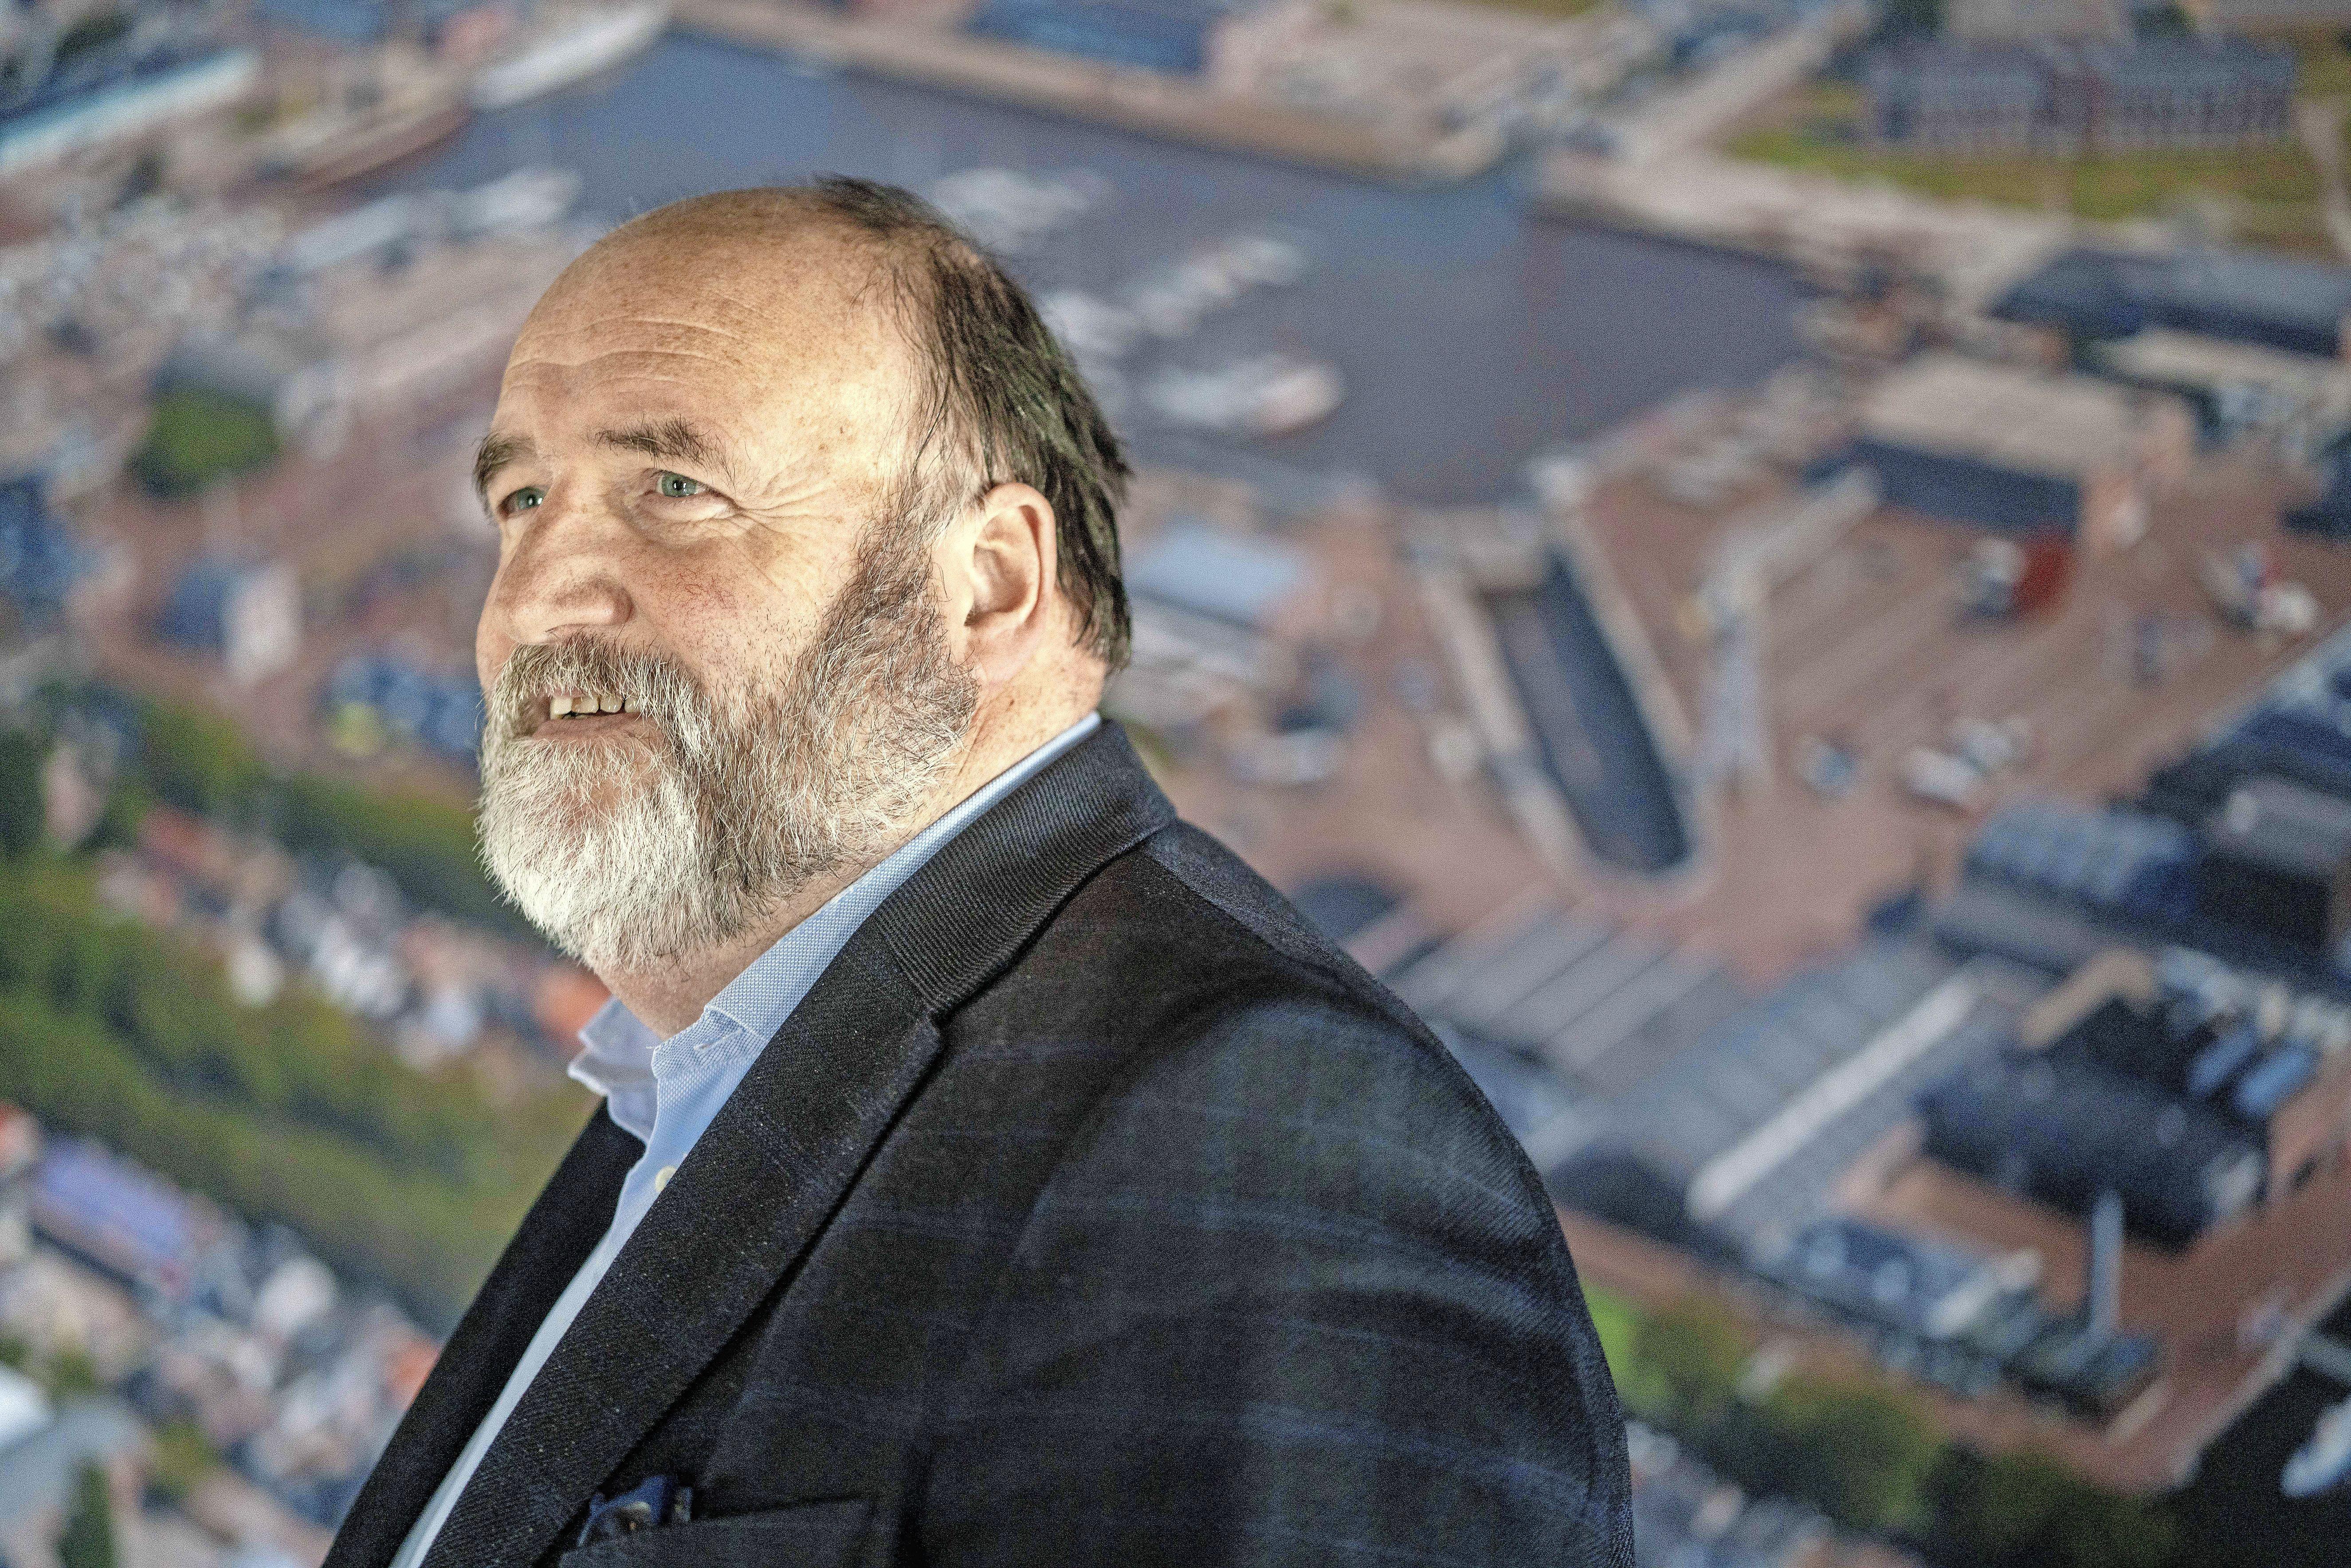 Willemsoord-directeur Hans Broekmeulen heeft weinig op met het niveau van raadsleden in Den Helder. 'Ze stellen vragen die nergens op slaan'